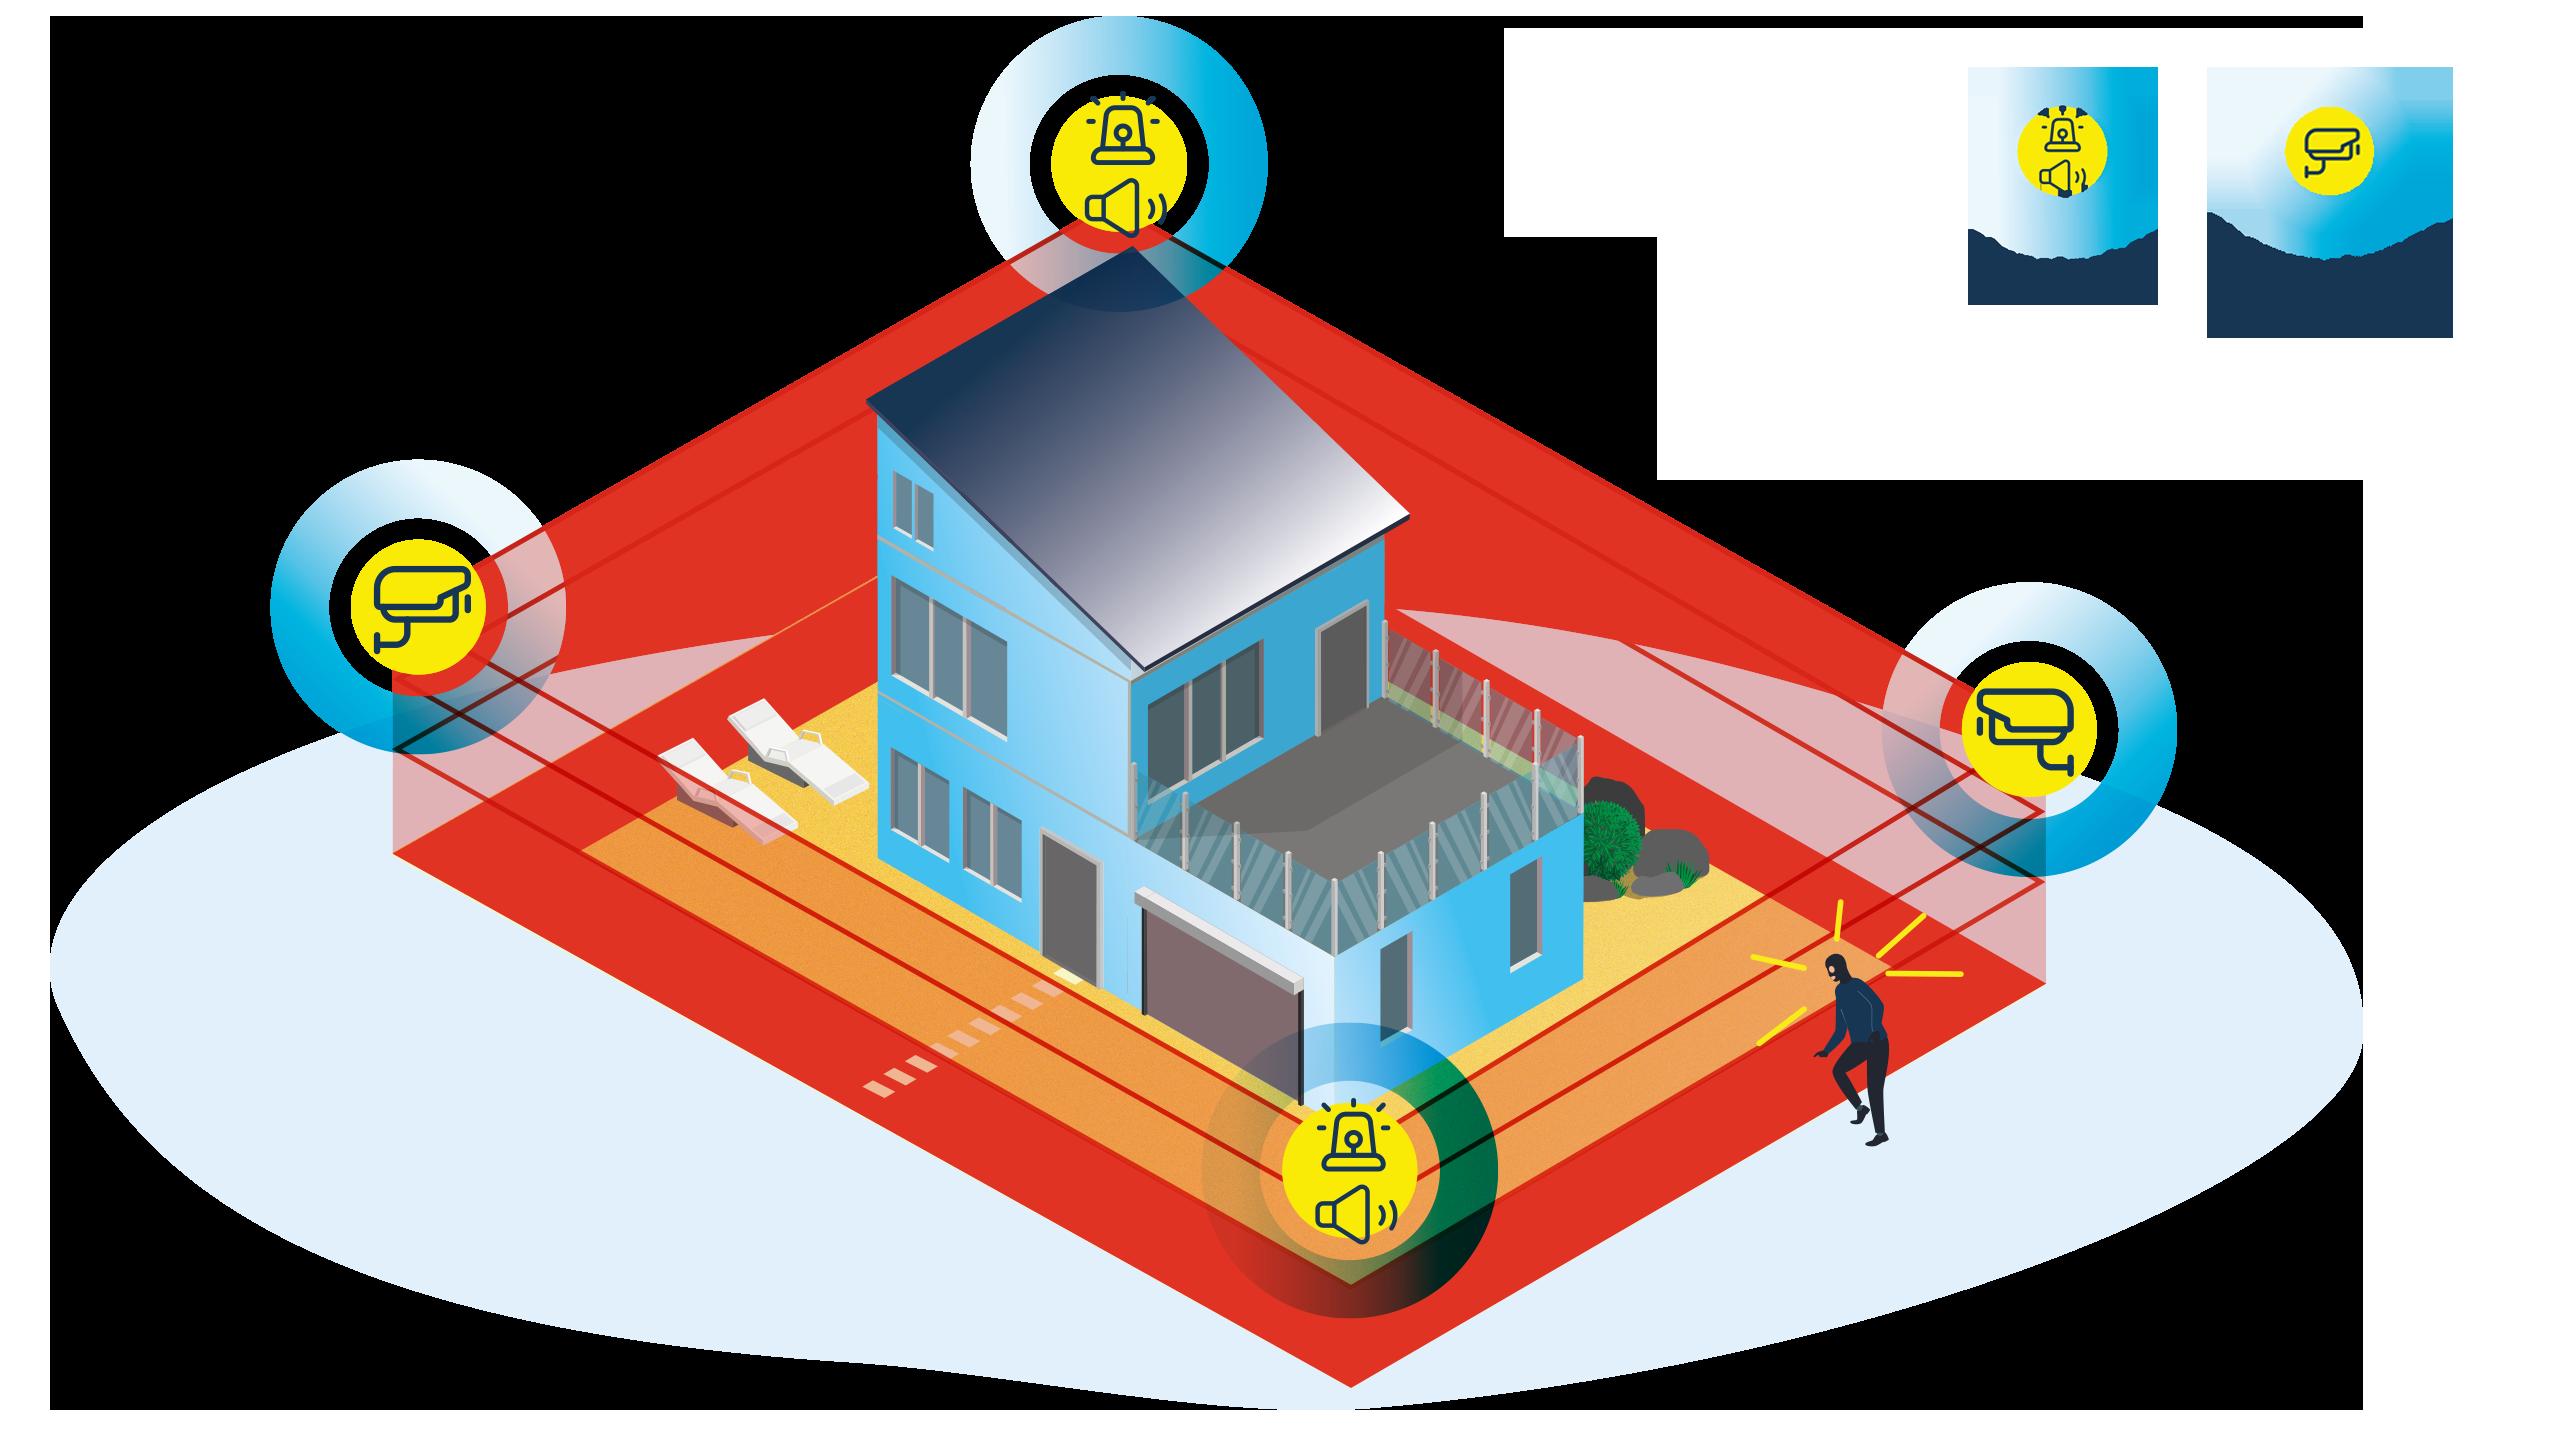 Infografik. Es wird die Perimetersicherng für ein Privathaushalt dargestellt